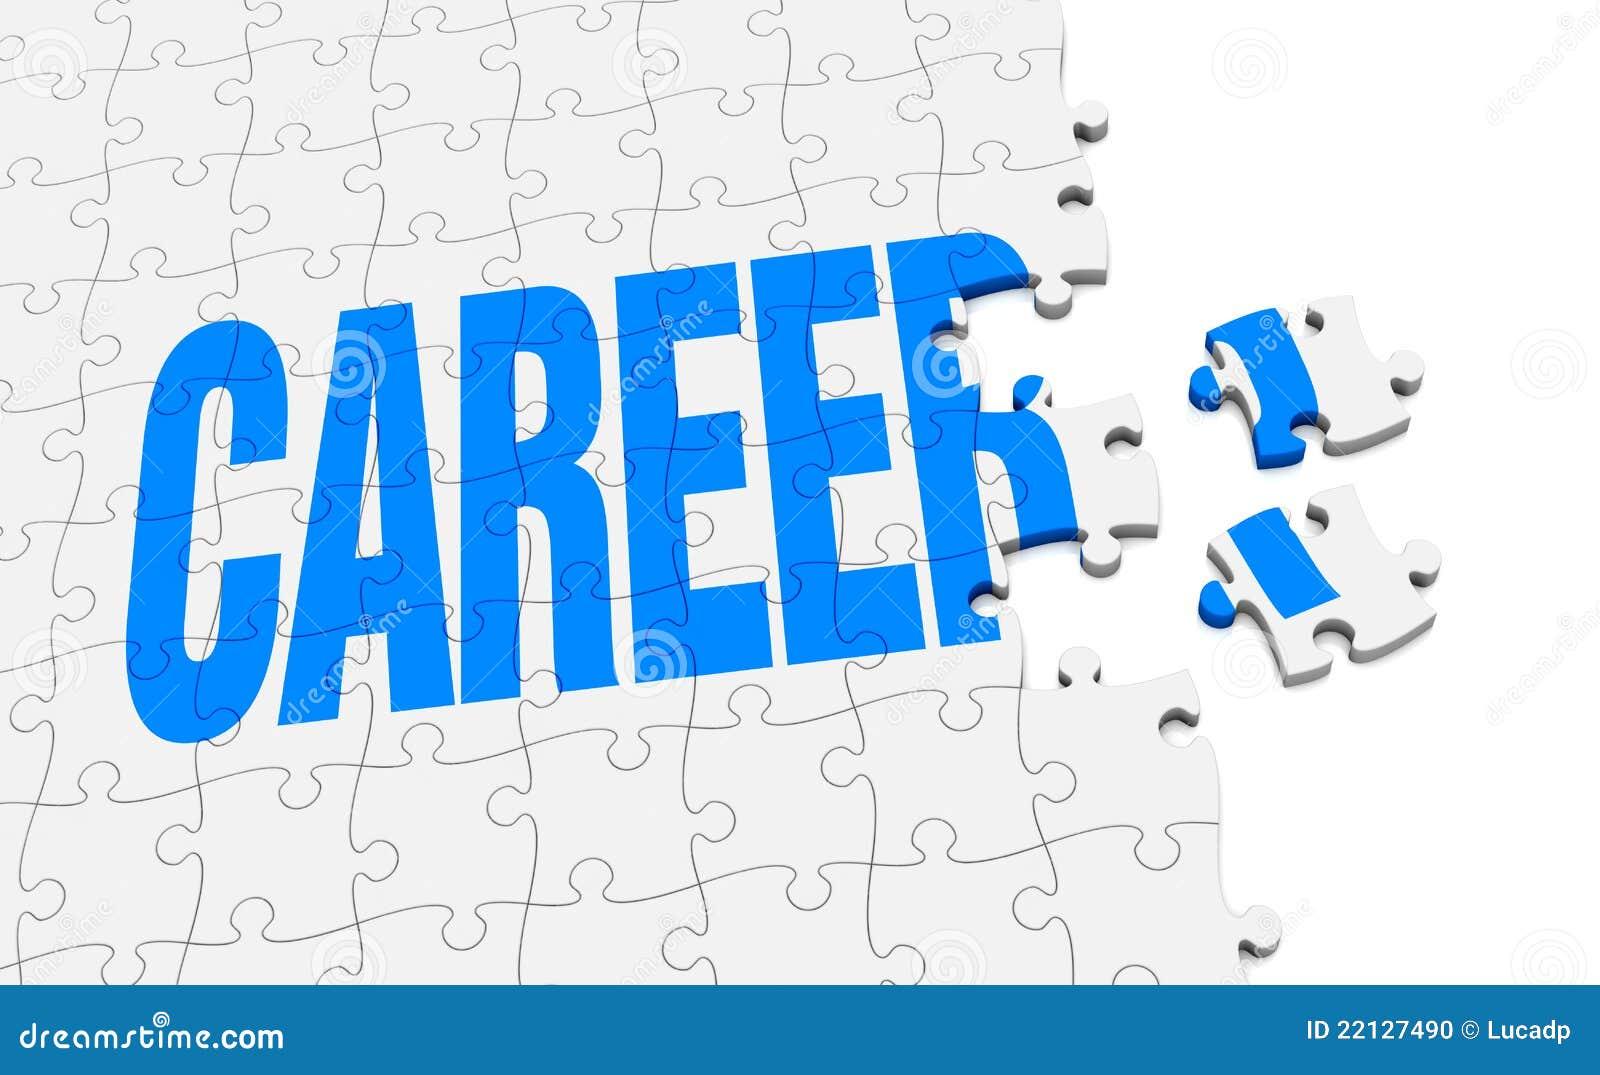 build a career doc tk build a career